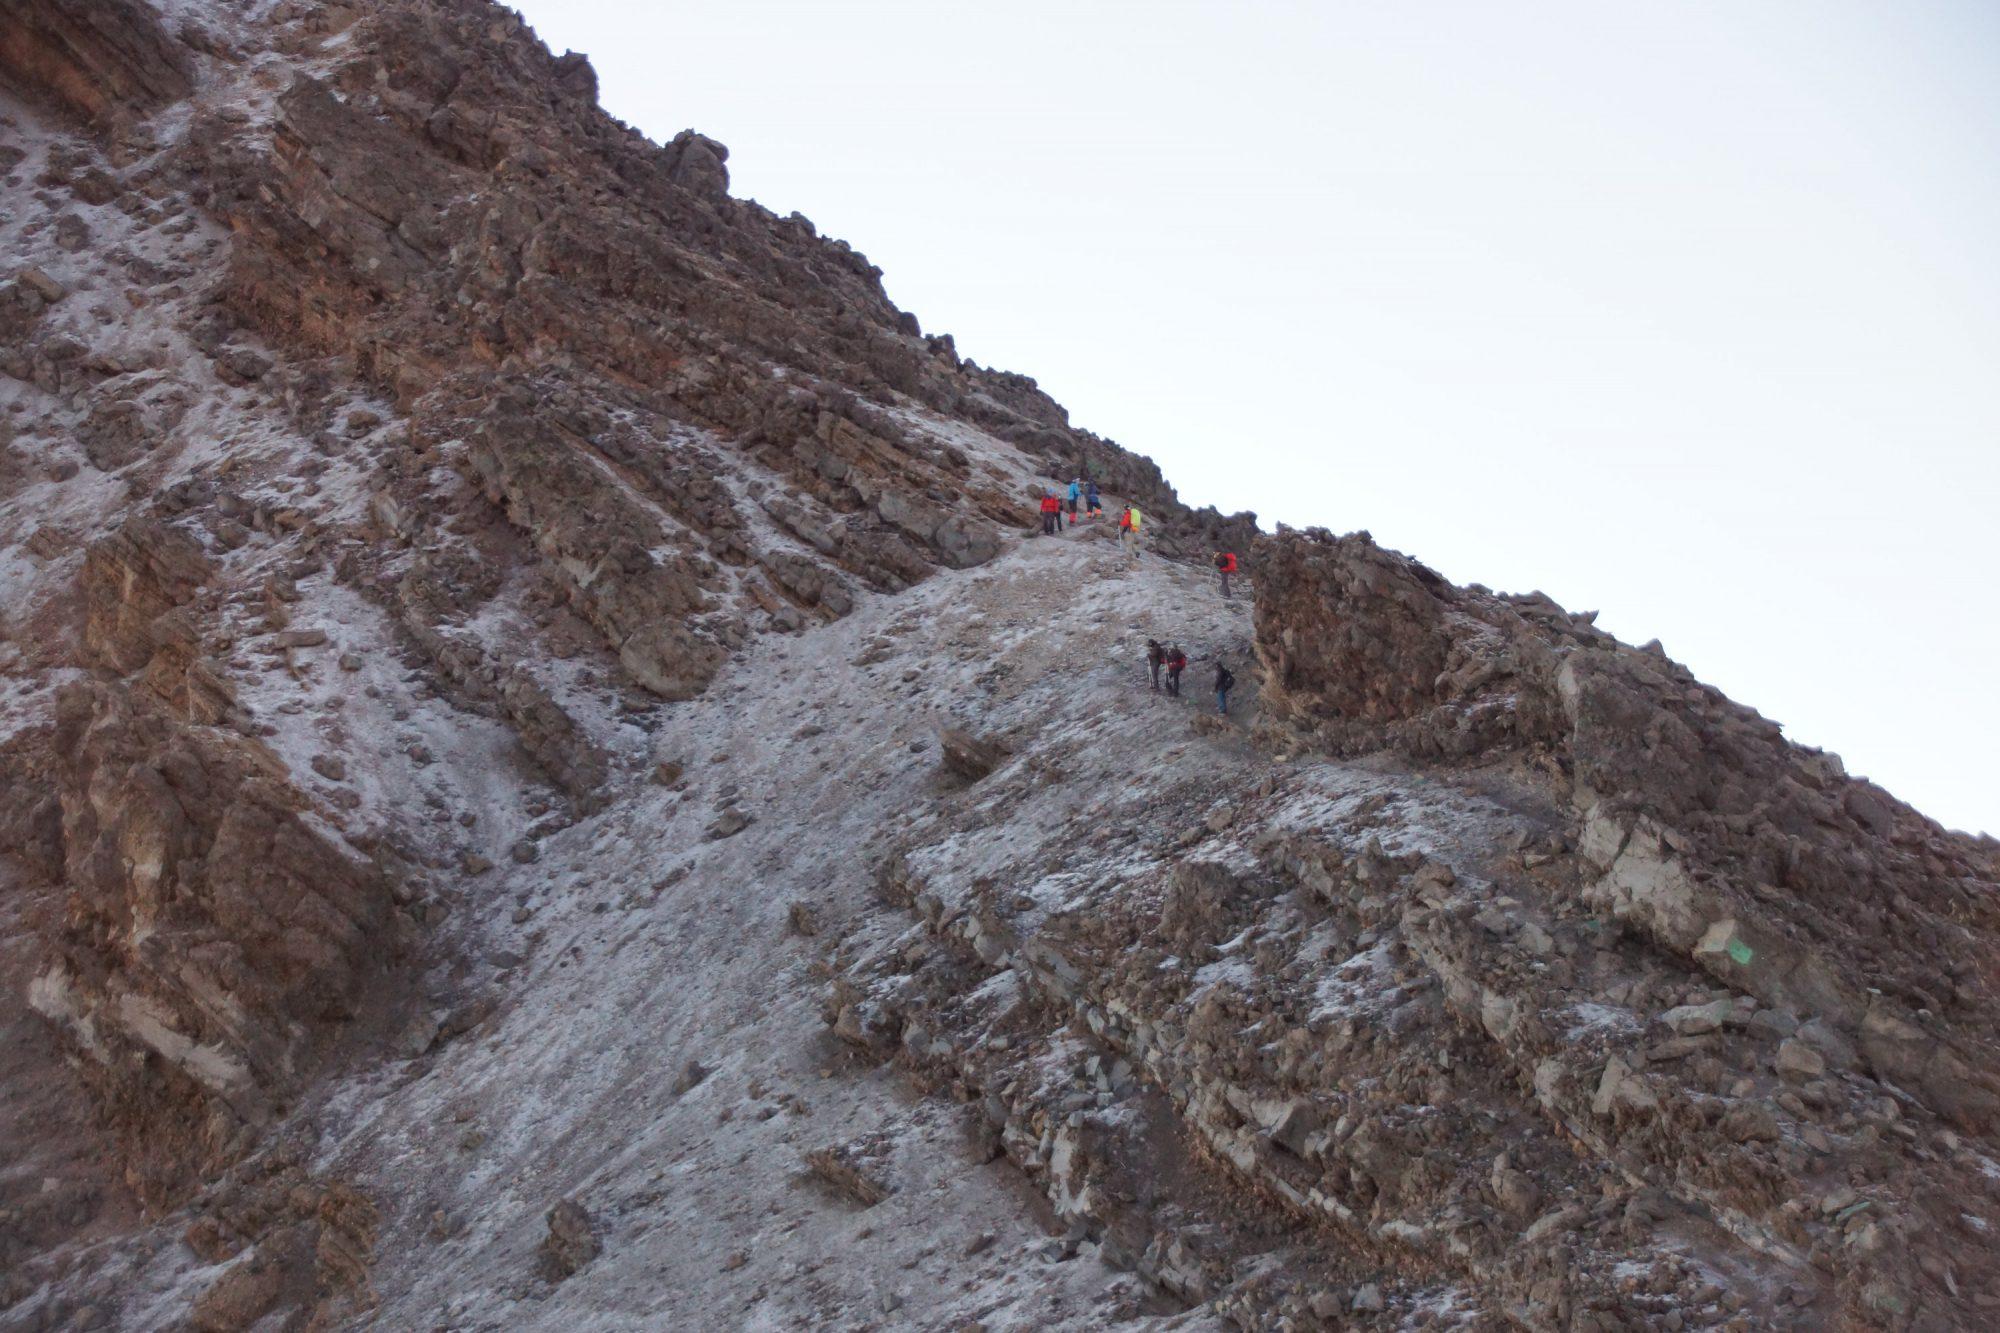 Die letzten Höhenmeter auf den Mount Meru, Mount Meru Besteigung, Tour, Erfahrungsbericht, Afrika, Tansania, Bergtour